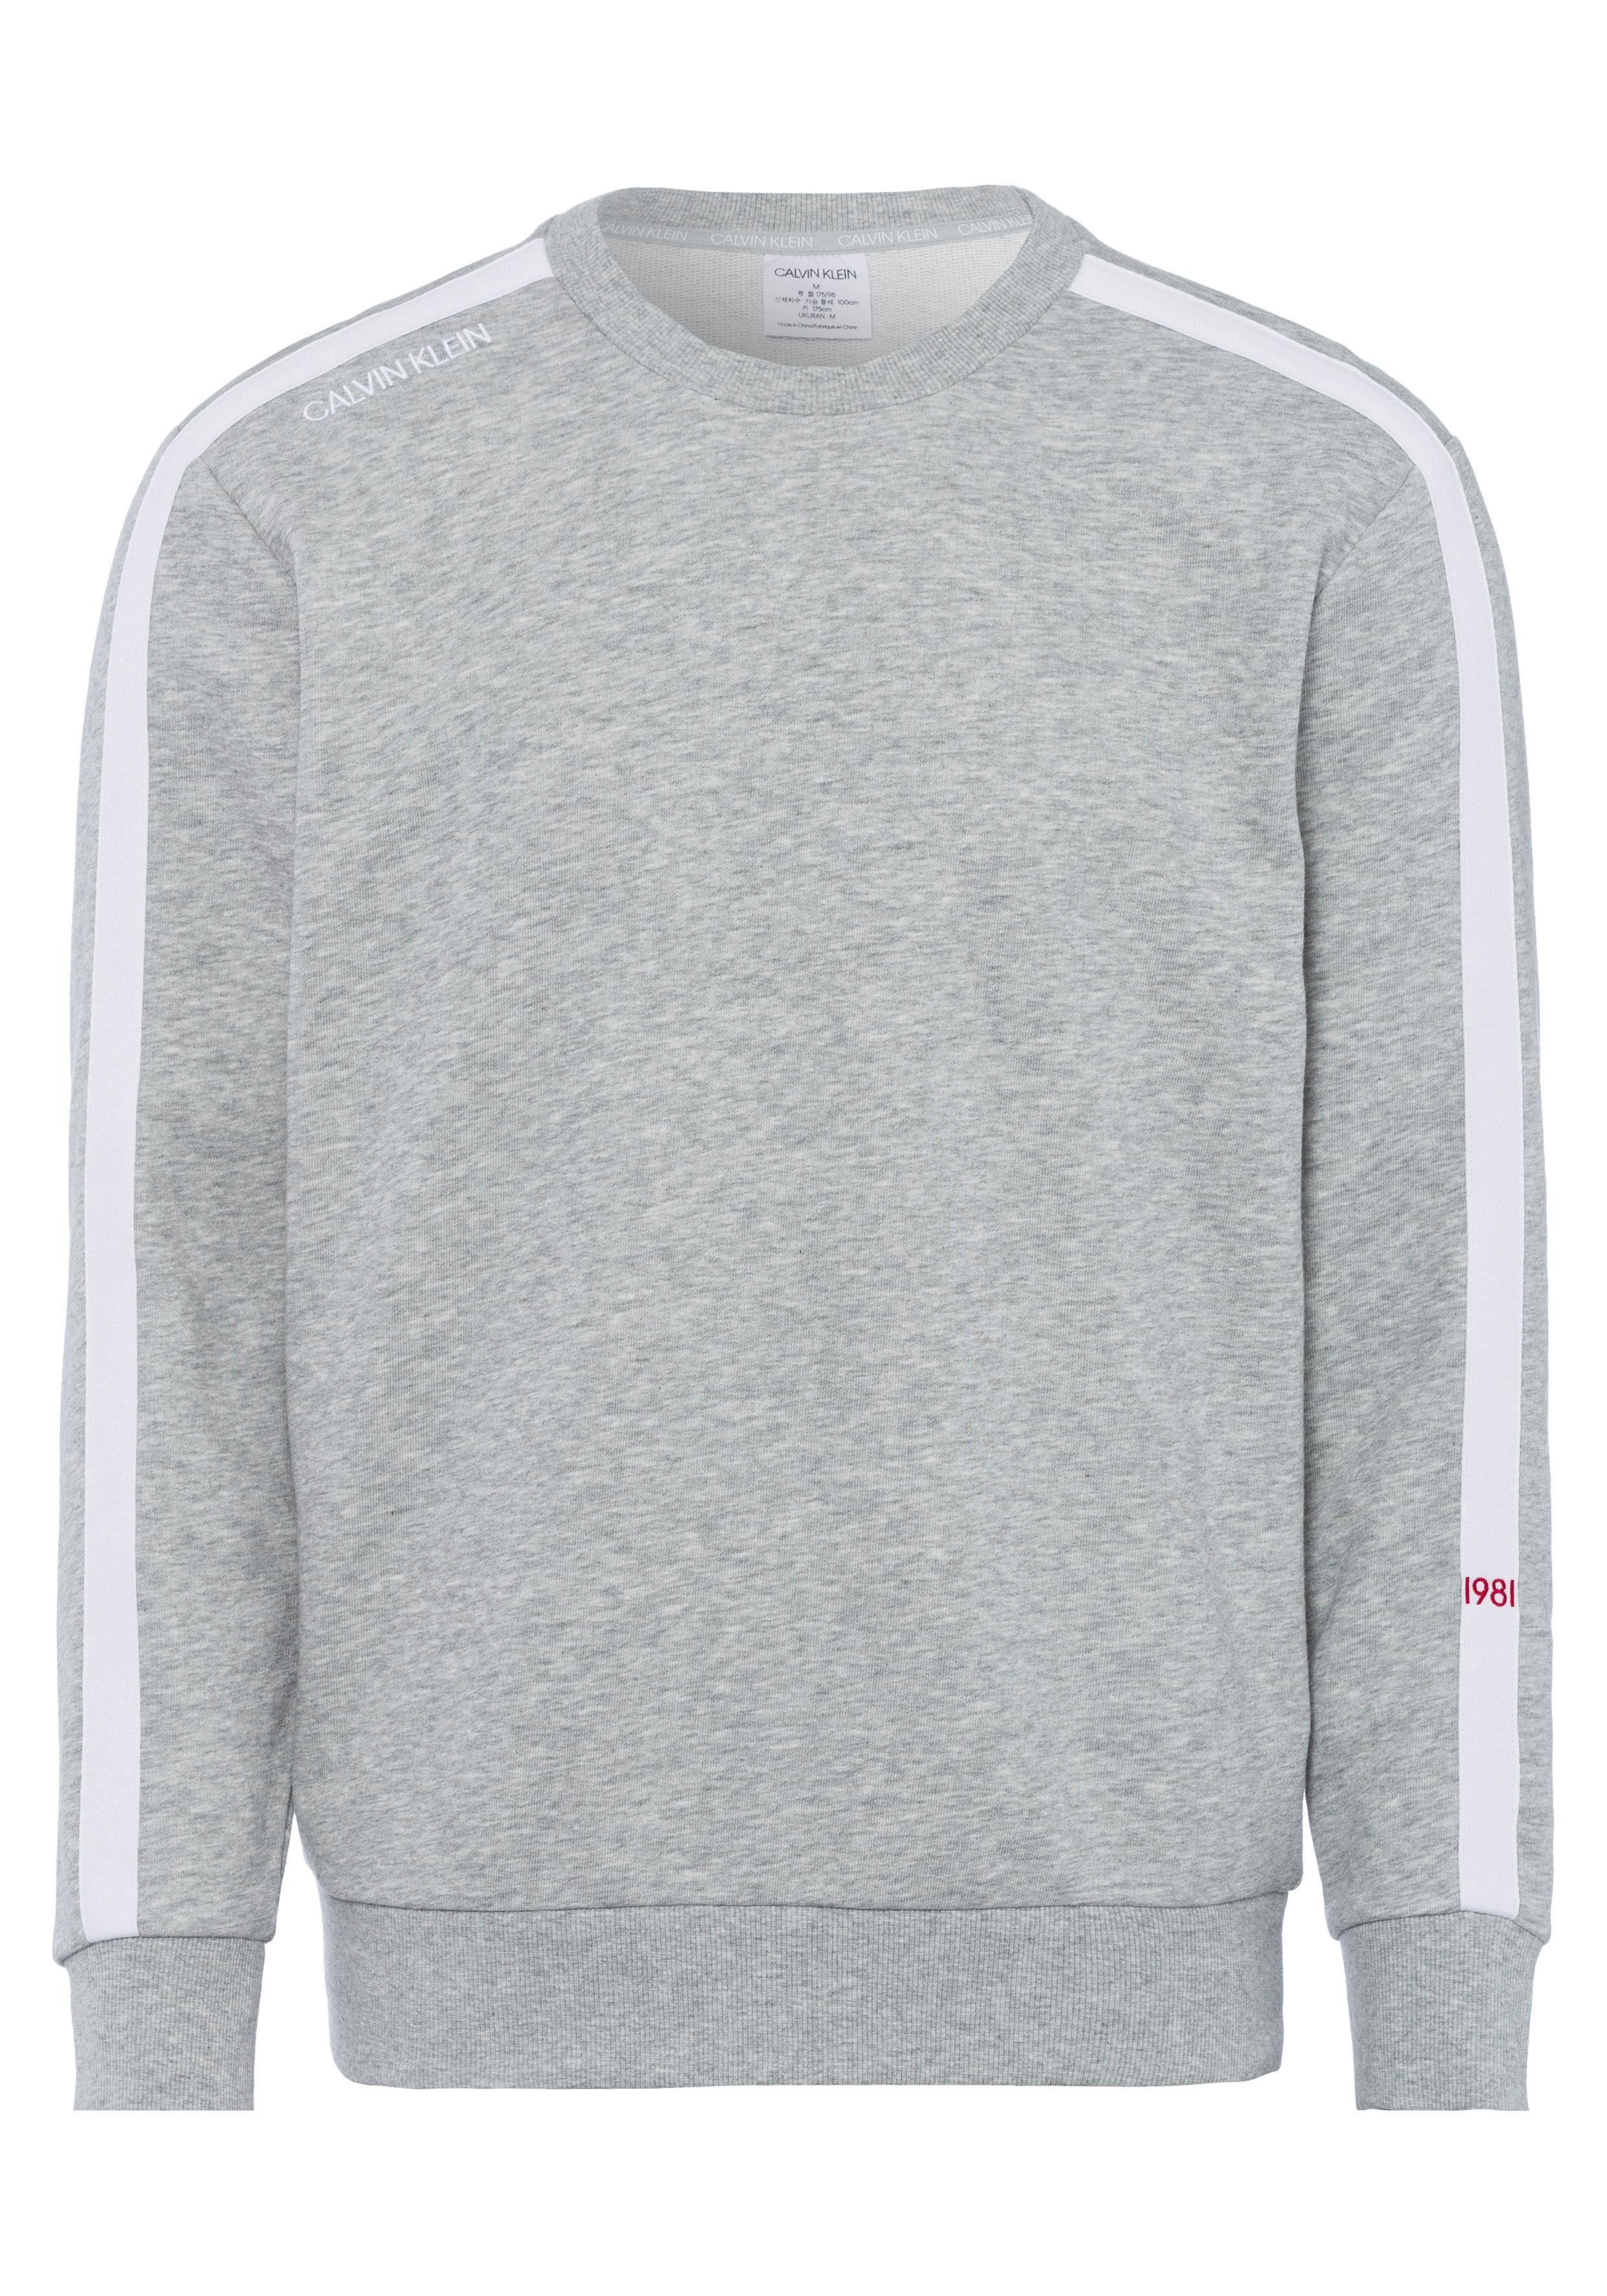 Calvin Klein Sweatshirt »Statement 1981« mit weißem Streifen am Ärmel online kaufen | OTTO